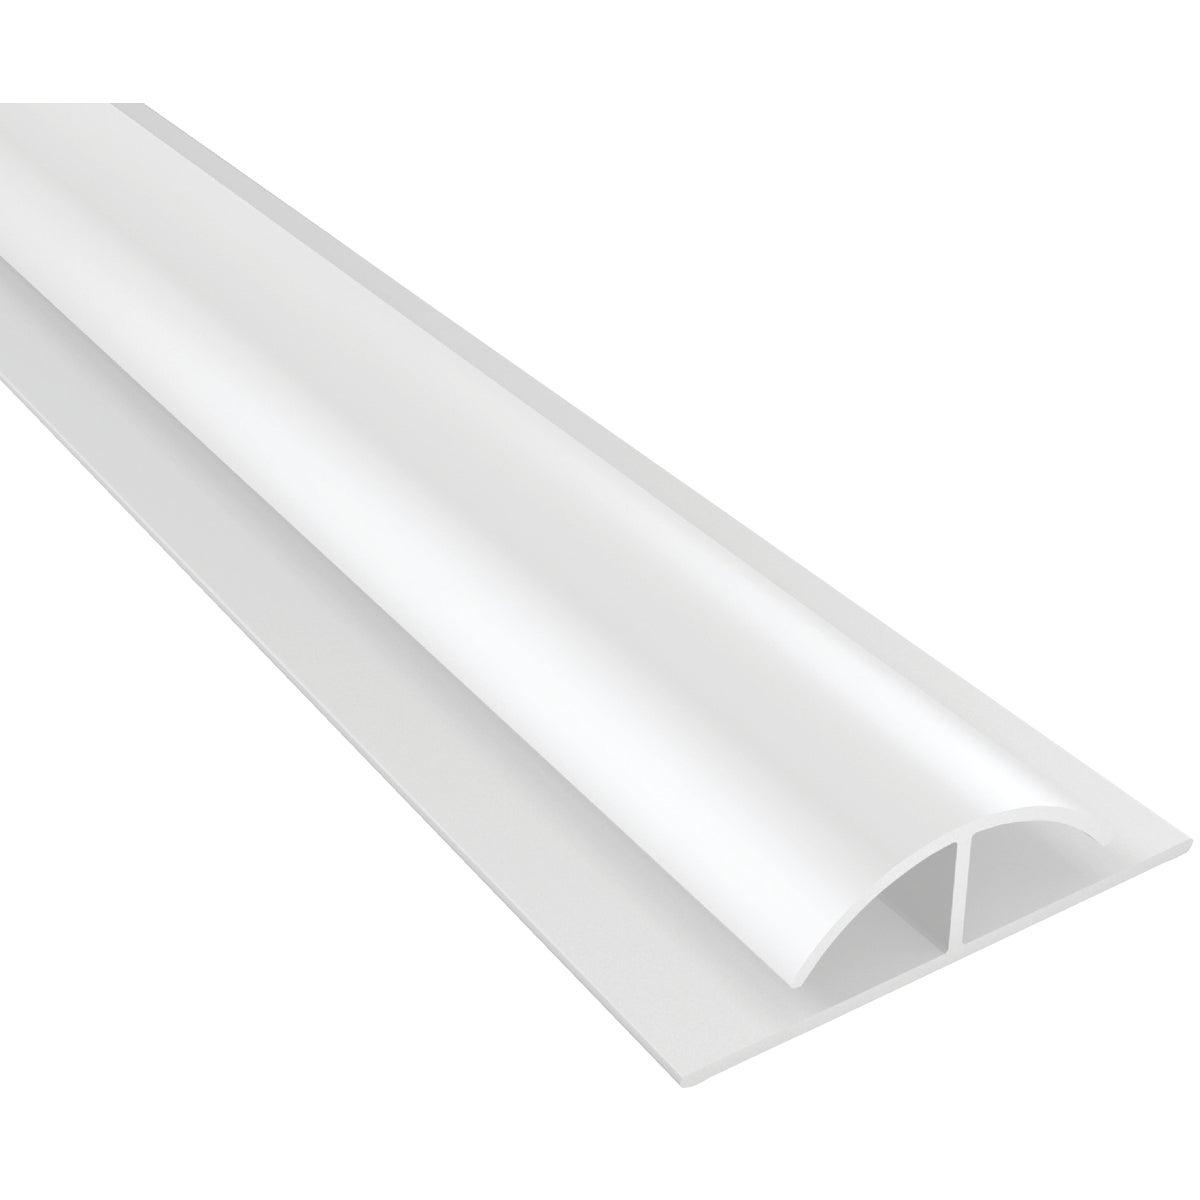 """1/8""""X8' WHITE DIVIDER - 058-008485 by Gossen Corp"""